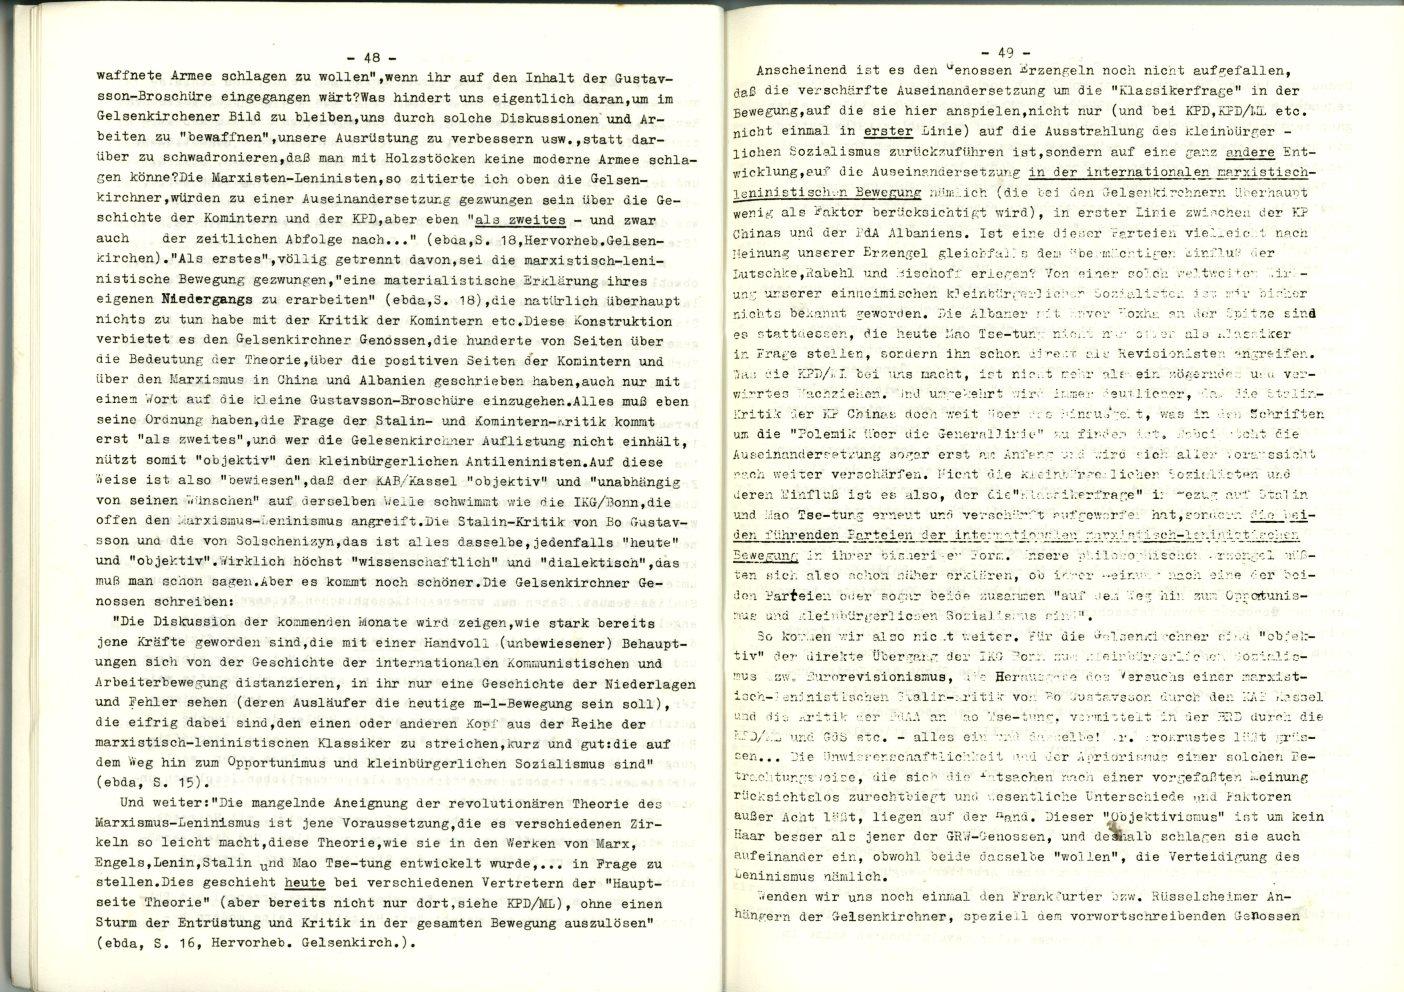 Nuernberg_Fuerth_Erlangen_ML_Diskussionsbeitraege_1979_02_25